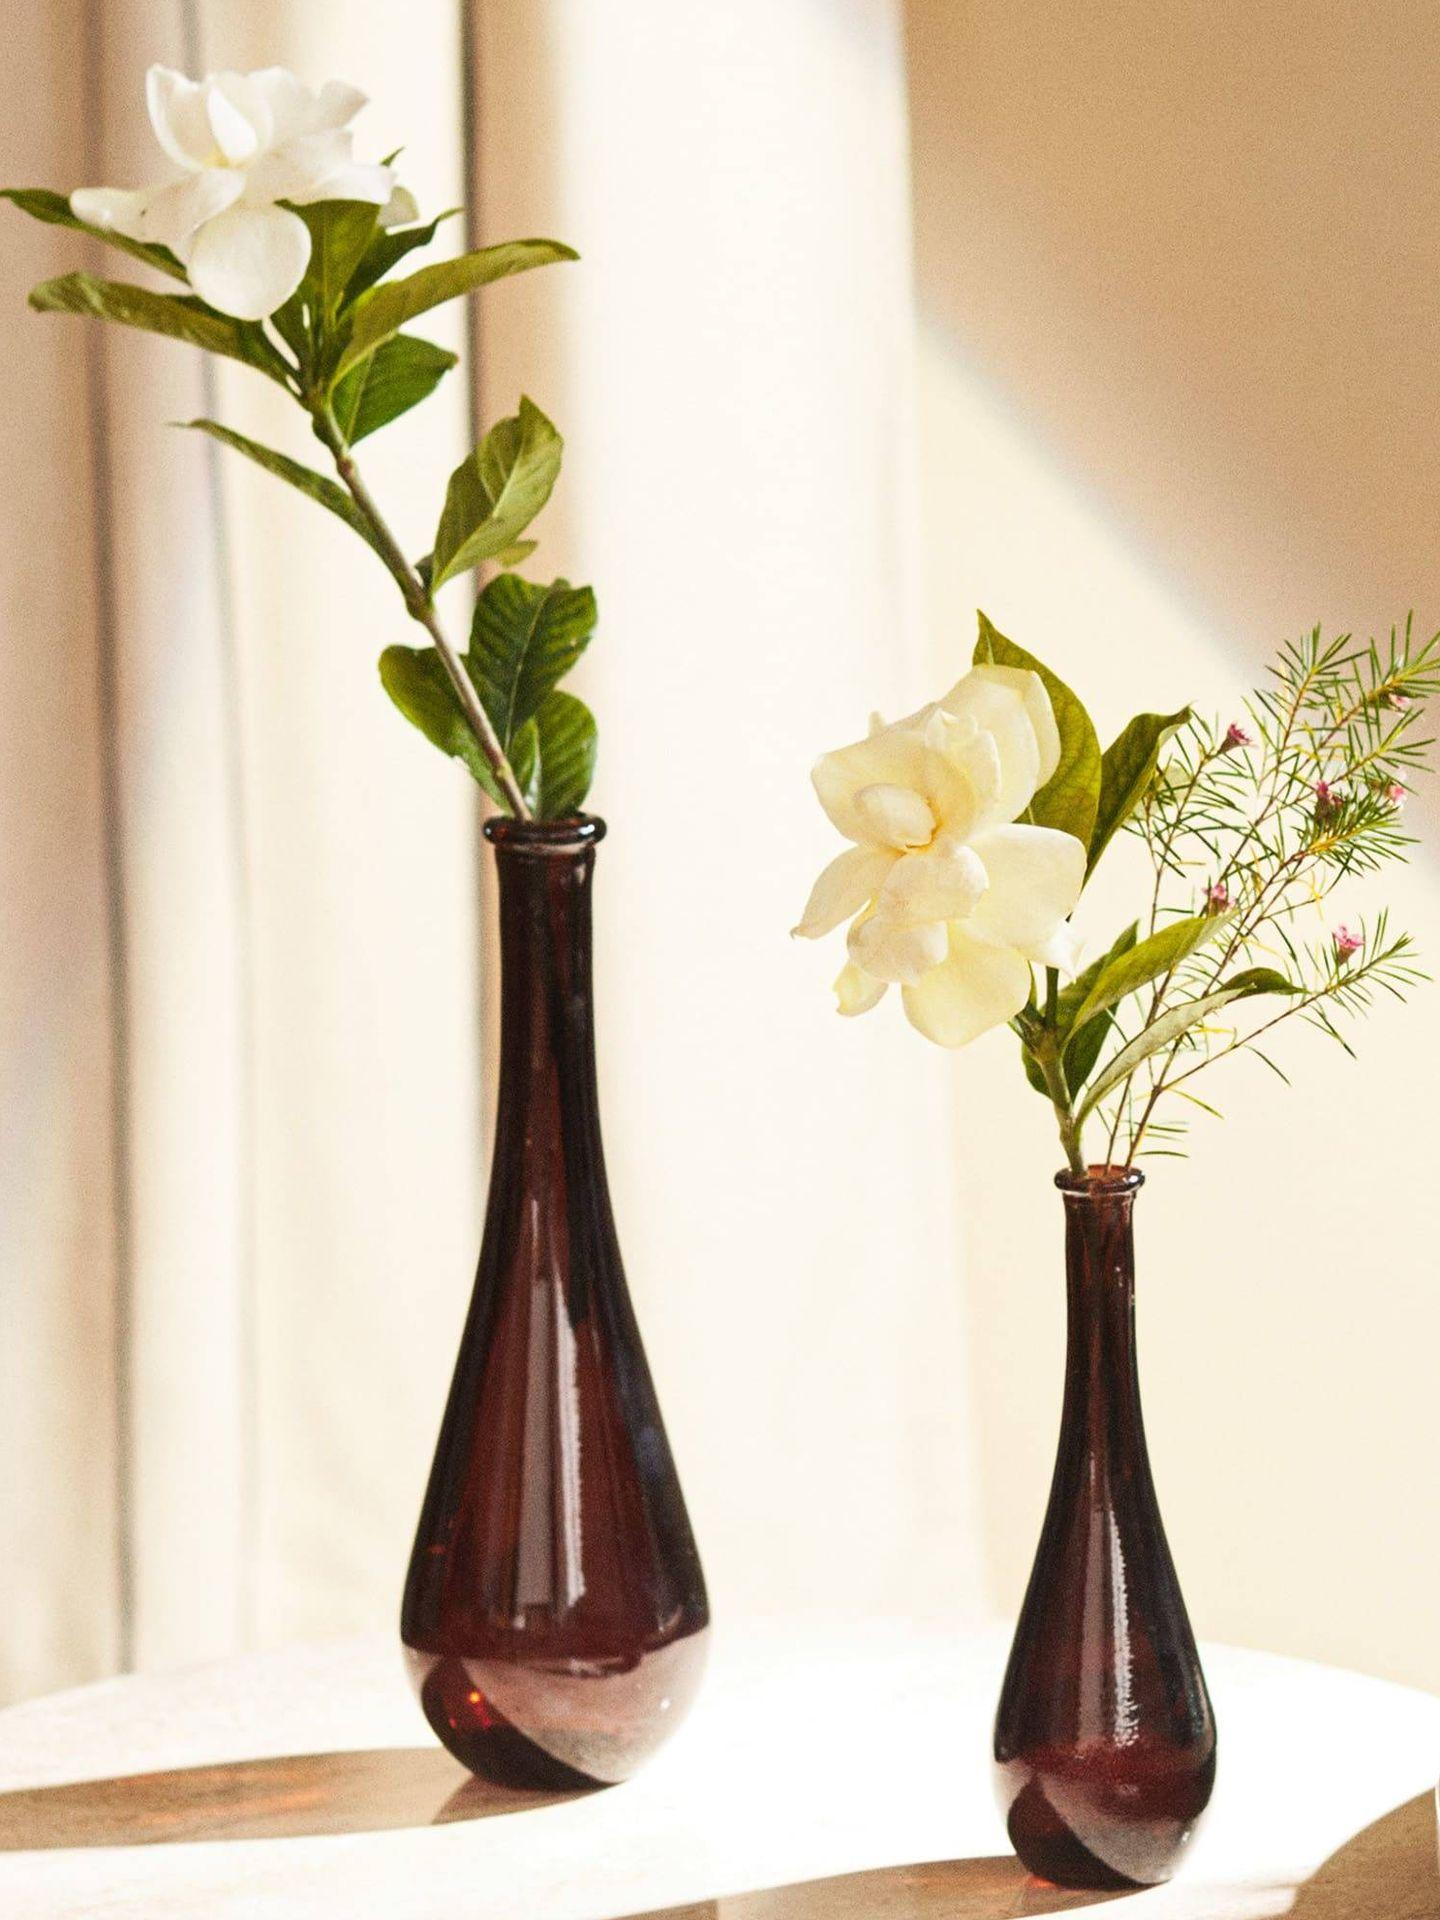 Jarrones de Zara Home para decorar con elegancia. (Cortesía)